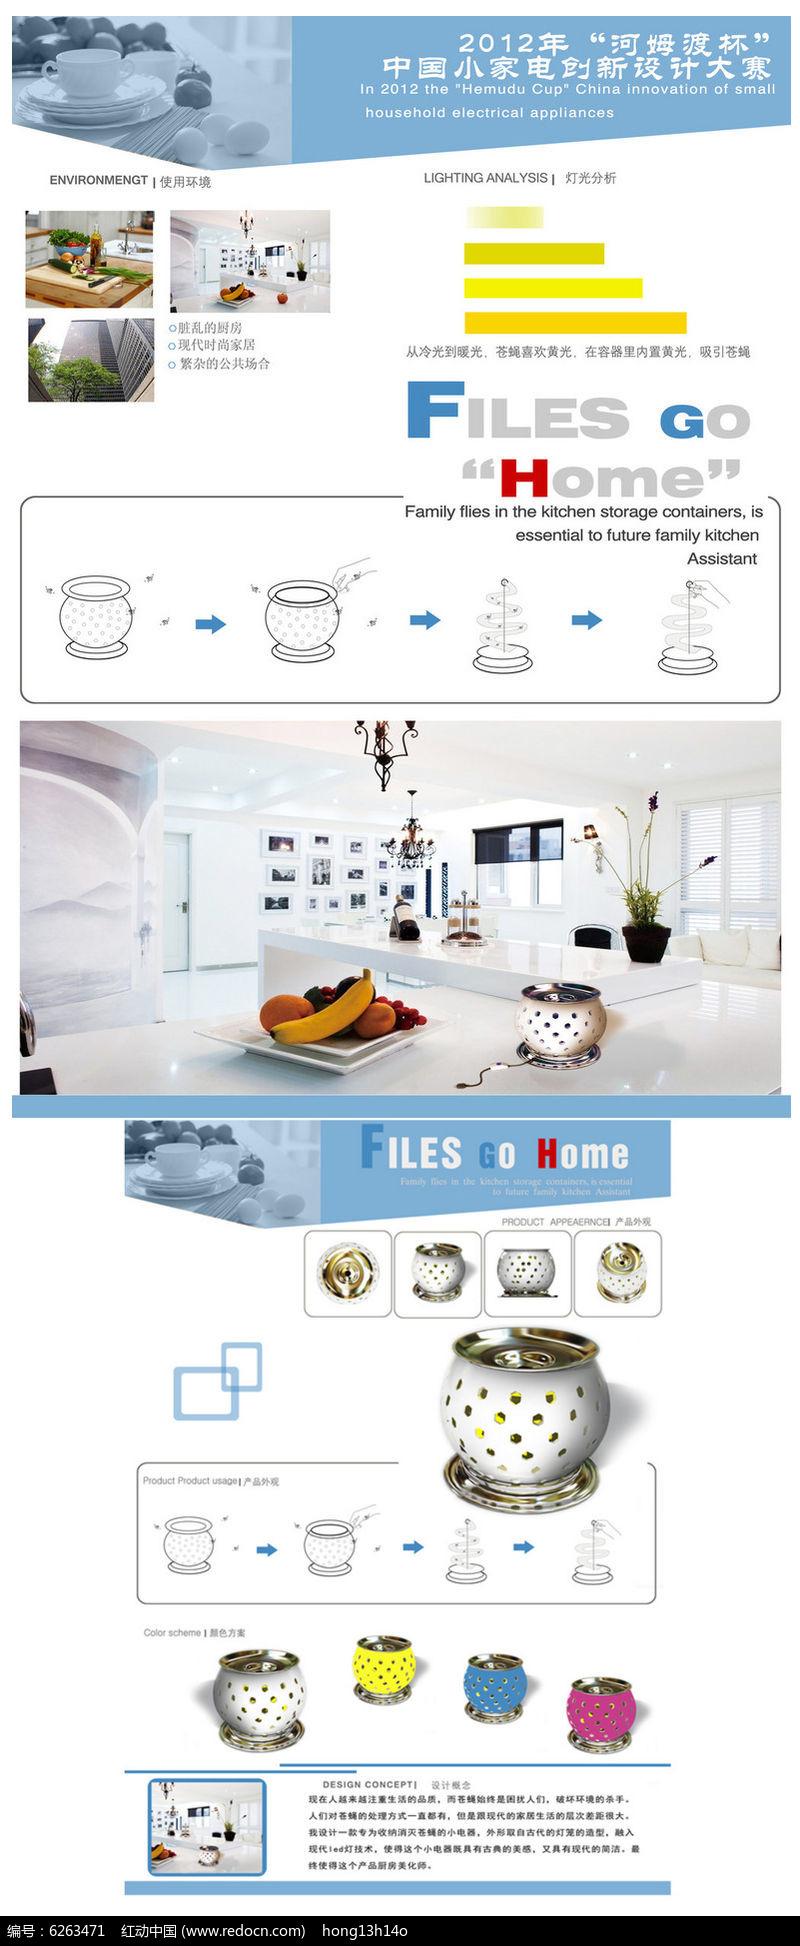 家居小产品创意展板设计图片